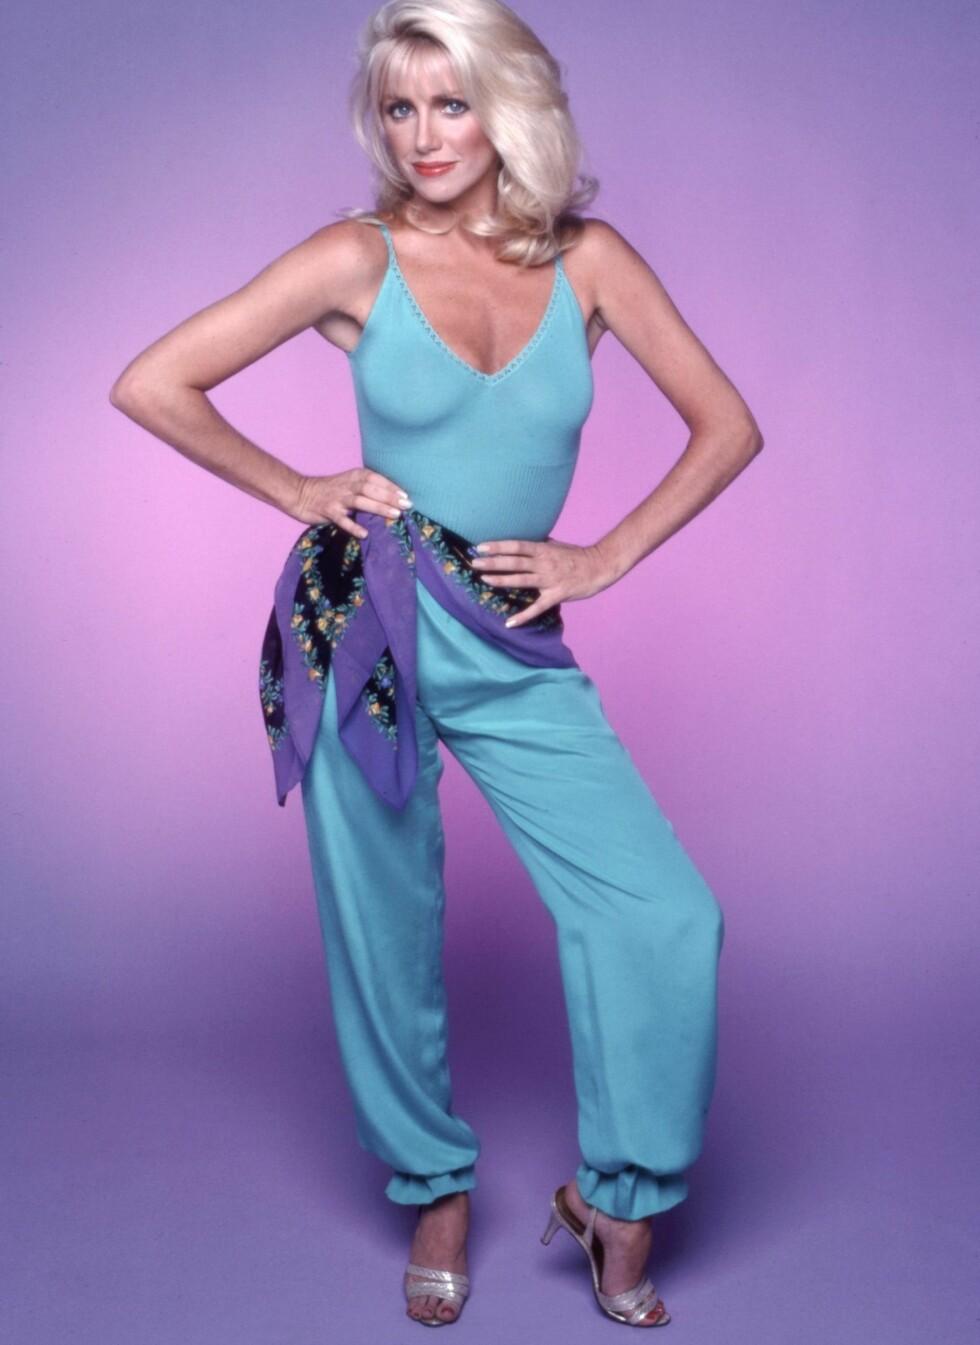 BUKSEDRESSENS GLANSDAGER: Skuespiller Suzanne Somers fra tv-serien Tree's Company som gikk fra 1977-1984, her i 1979.  Foto: All Over Press